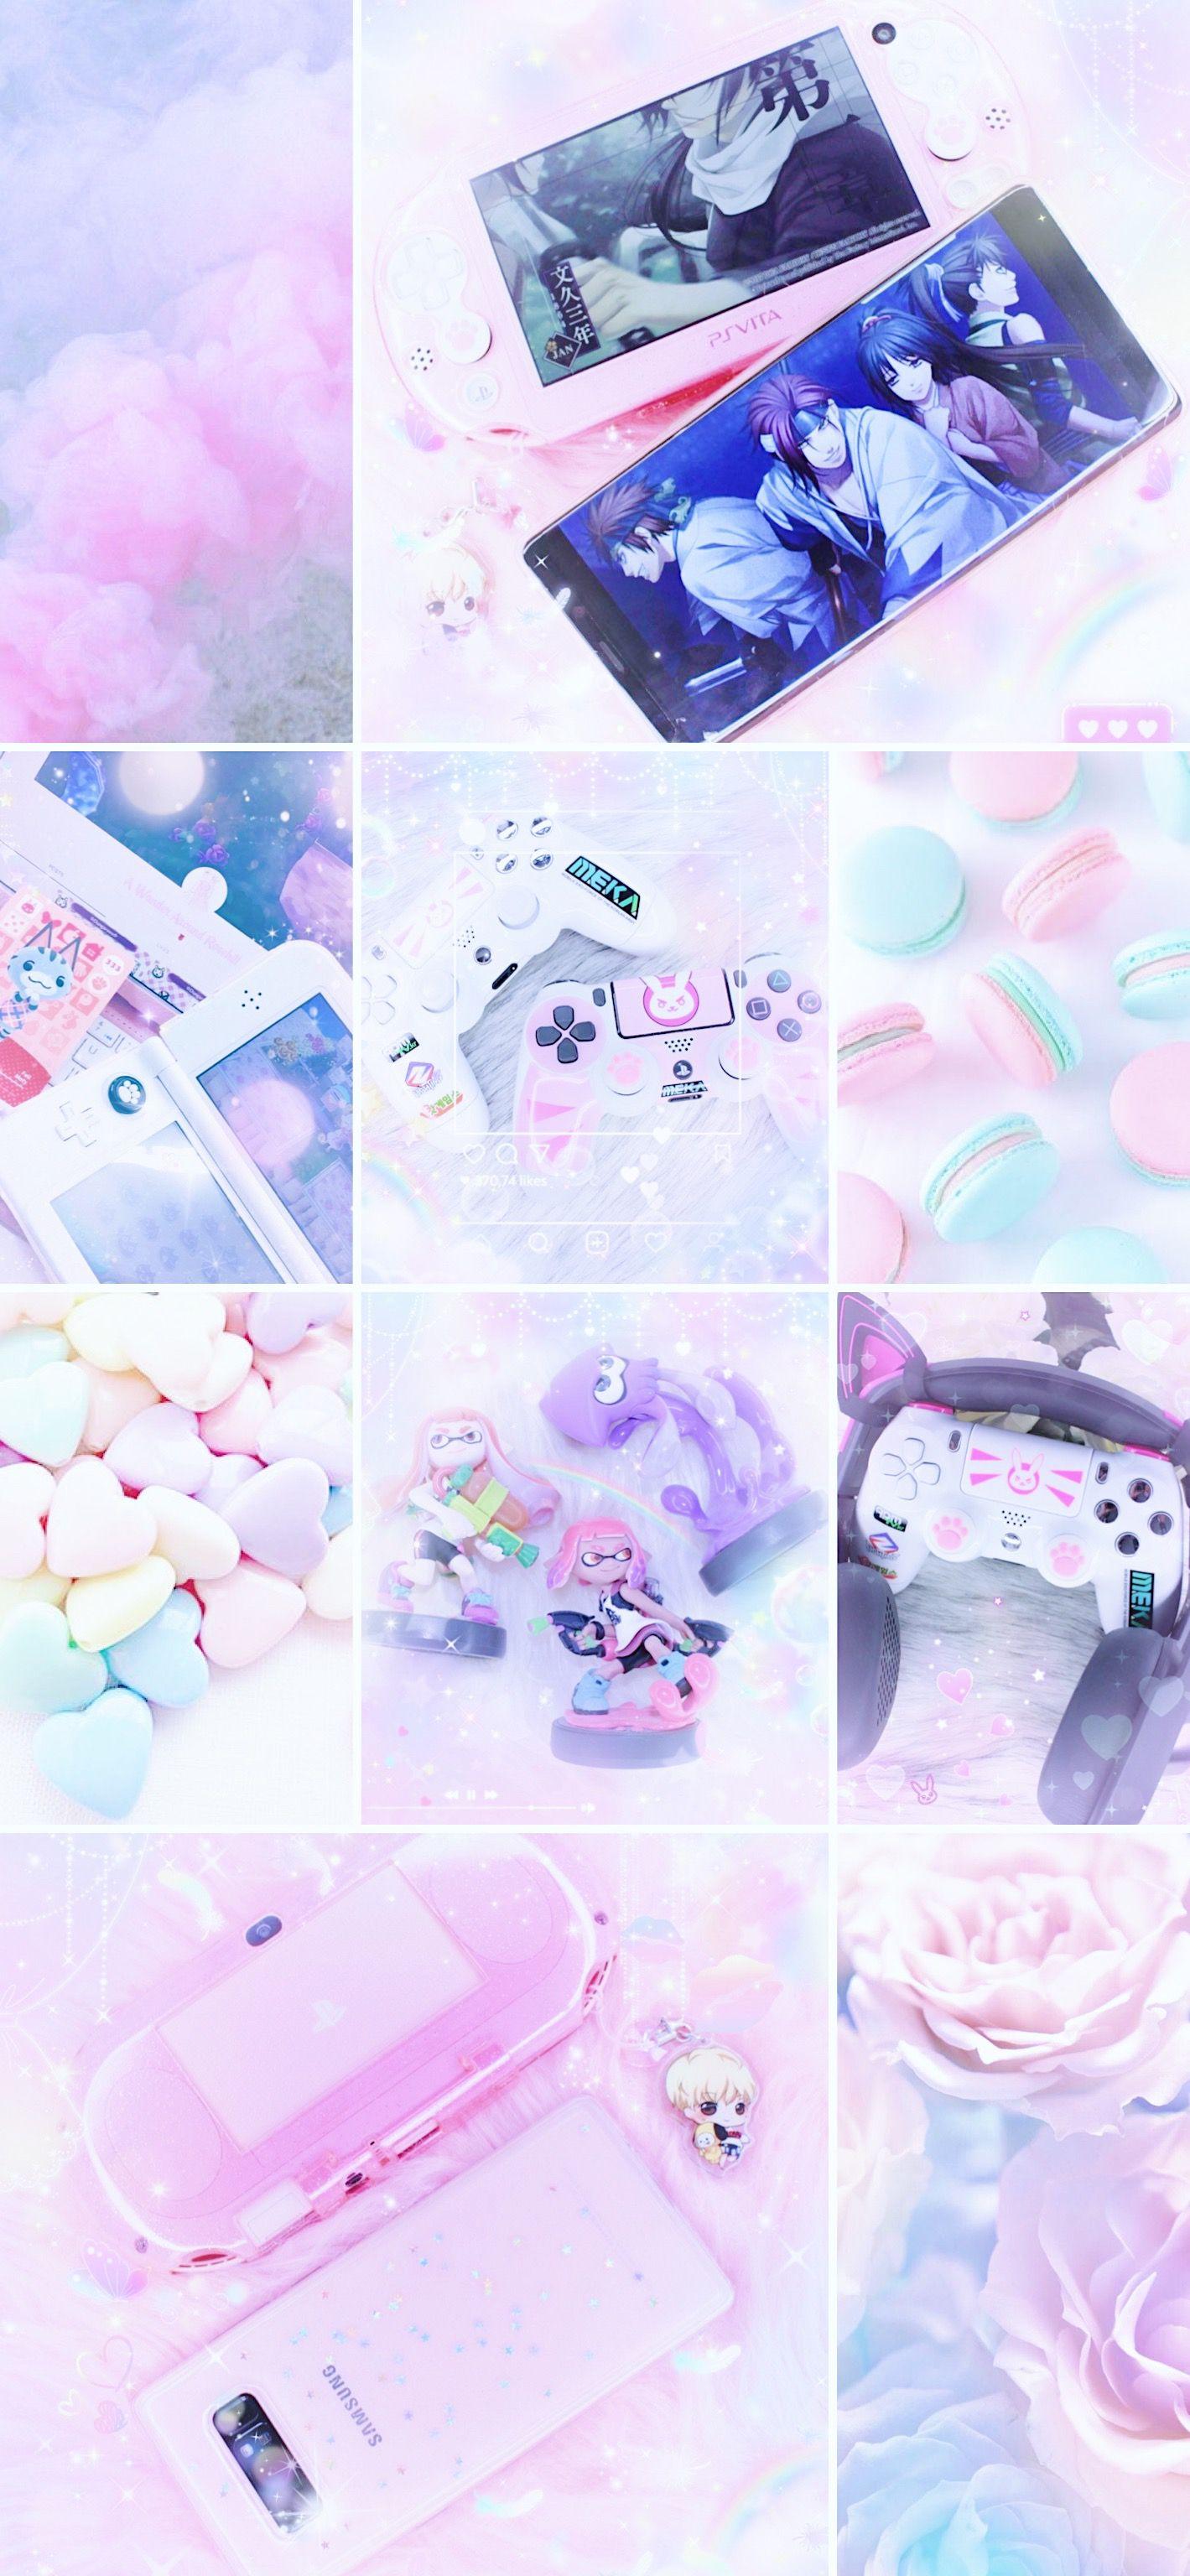 Gamer Girl Aesthetic Cute Tumblr Wallpaper Iphone Wallpaper Teenage Cute Wallpapers